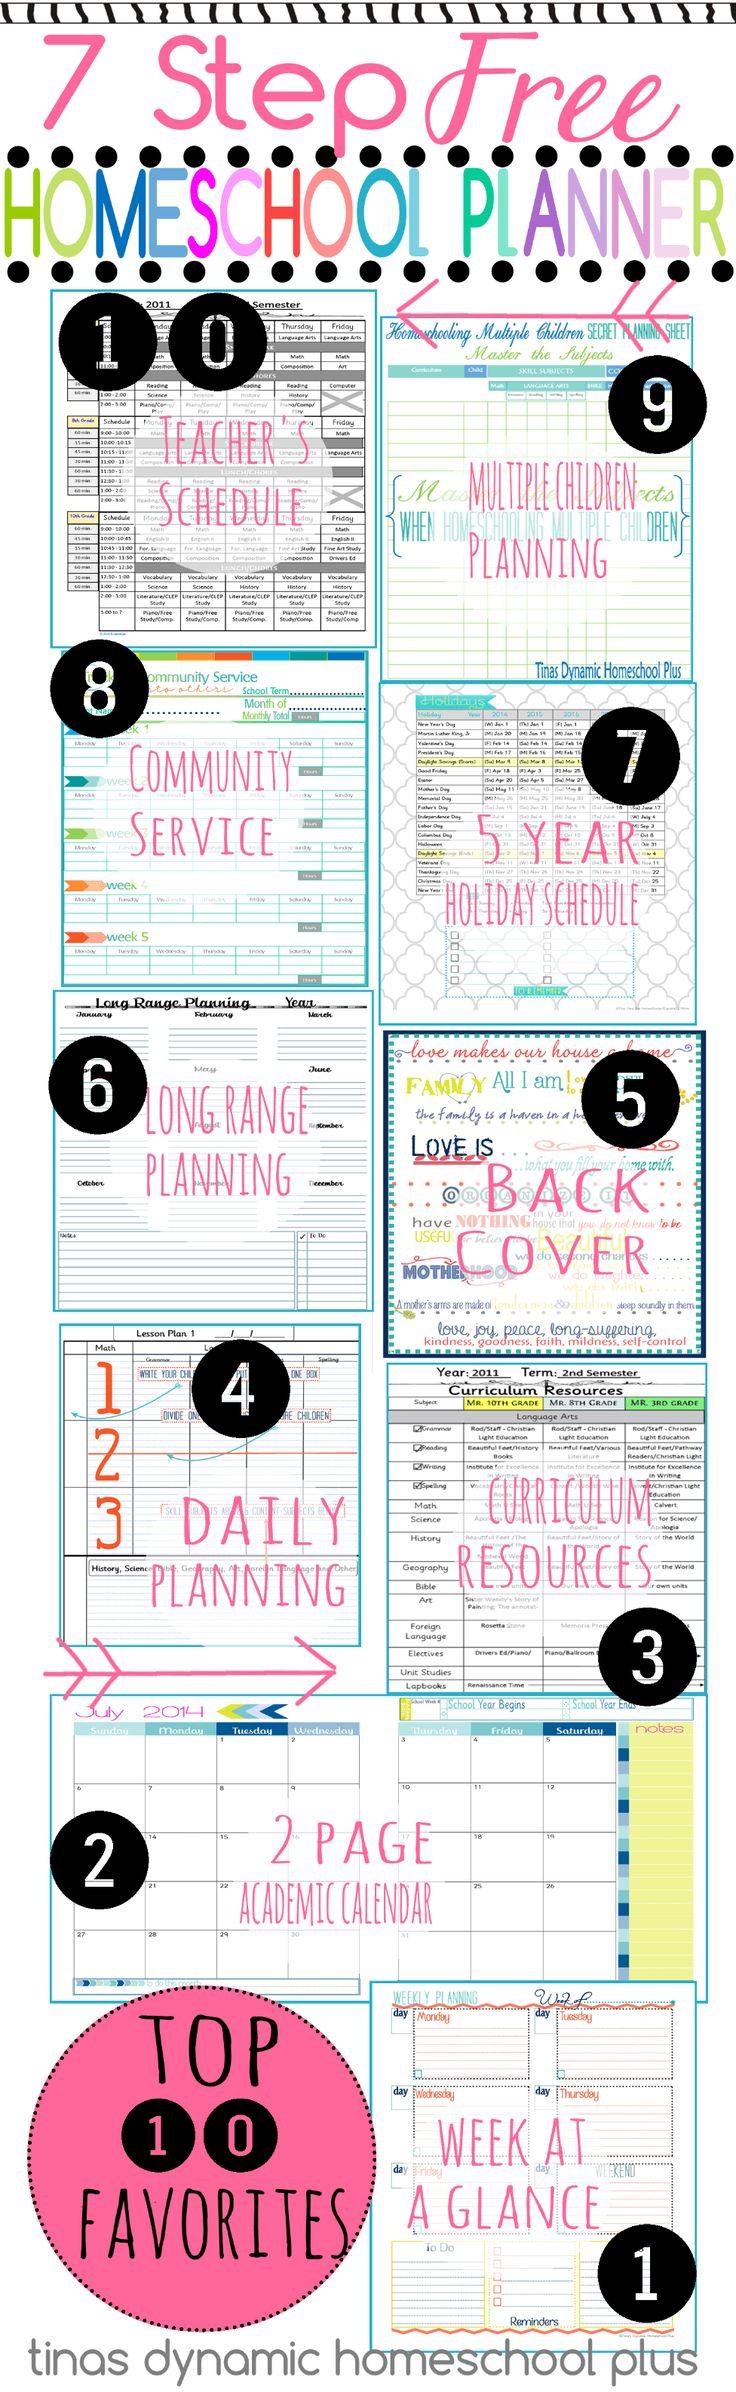 7 Step Free Homeschool Planner  Top 10 Favorites | Tina's Dynamic Homeschool Plus #7stephomeschoolplanner